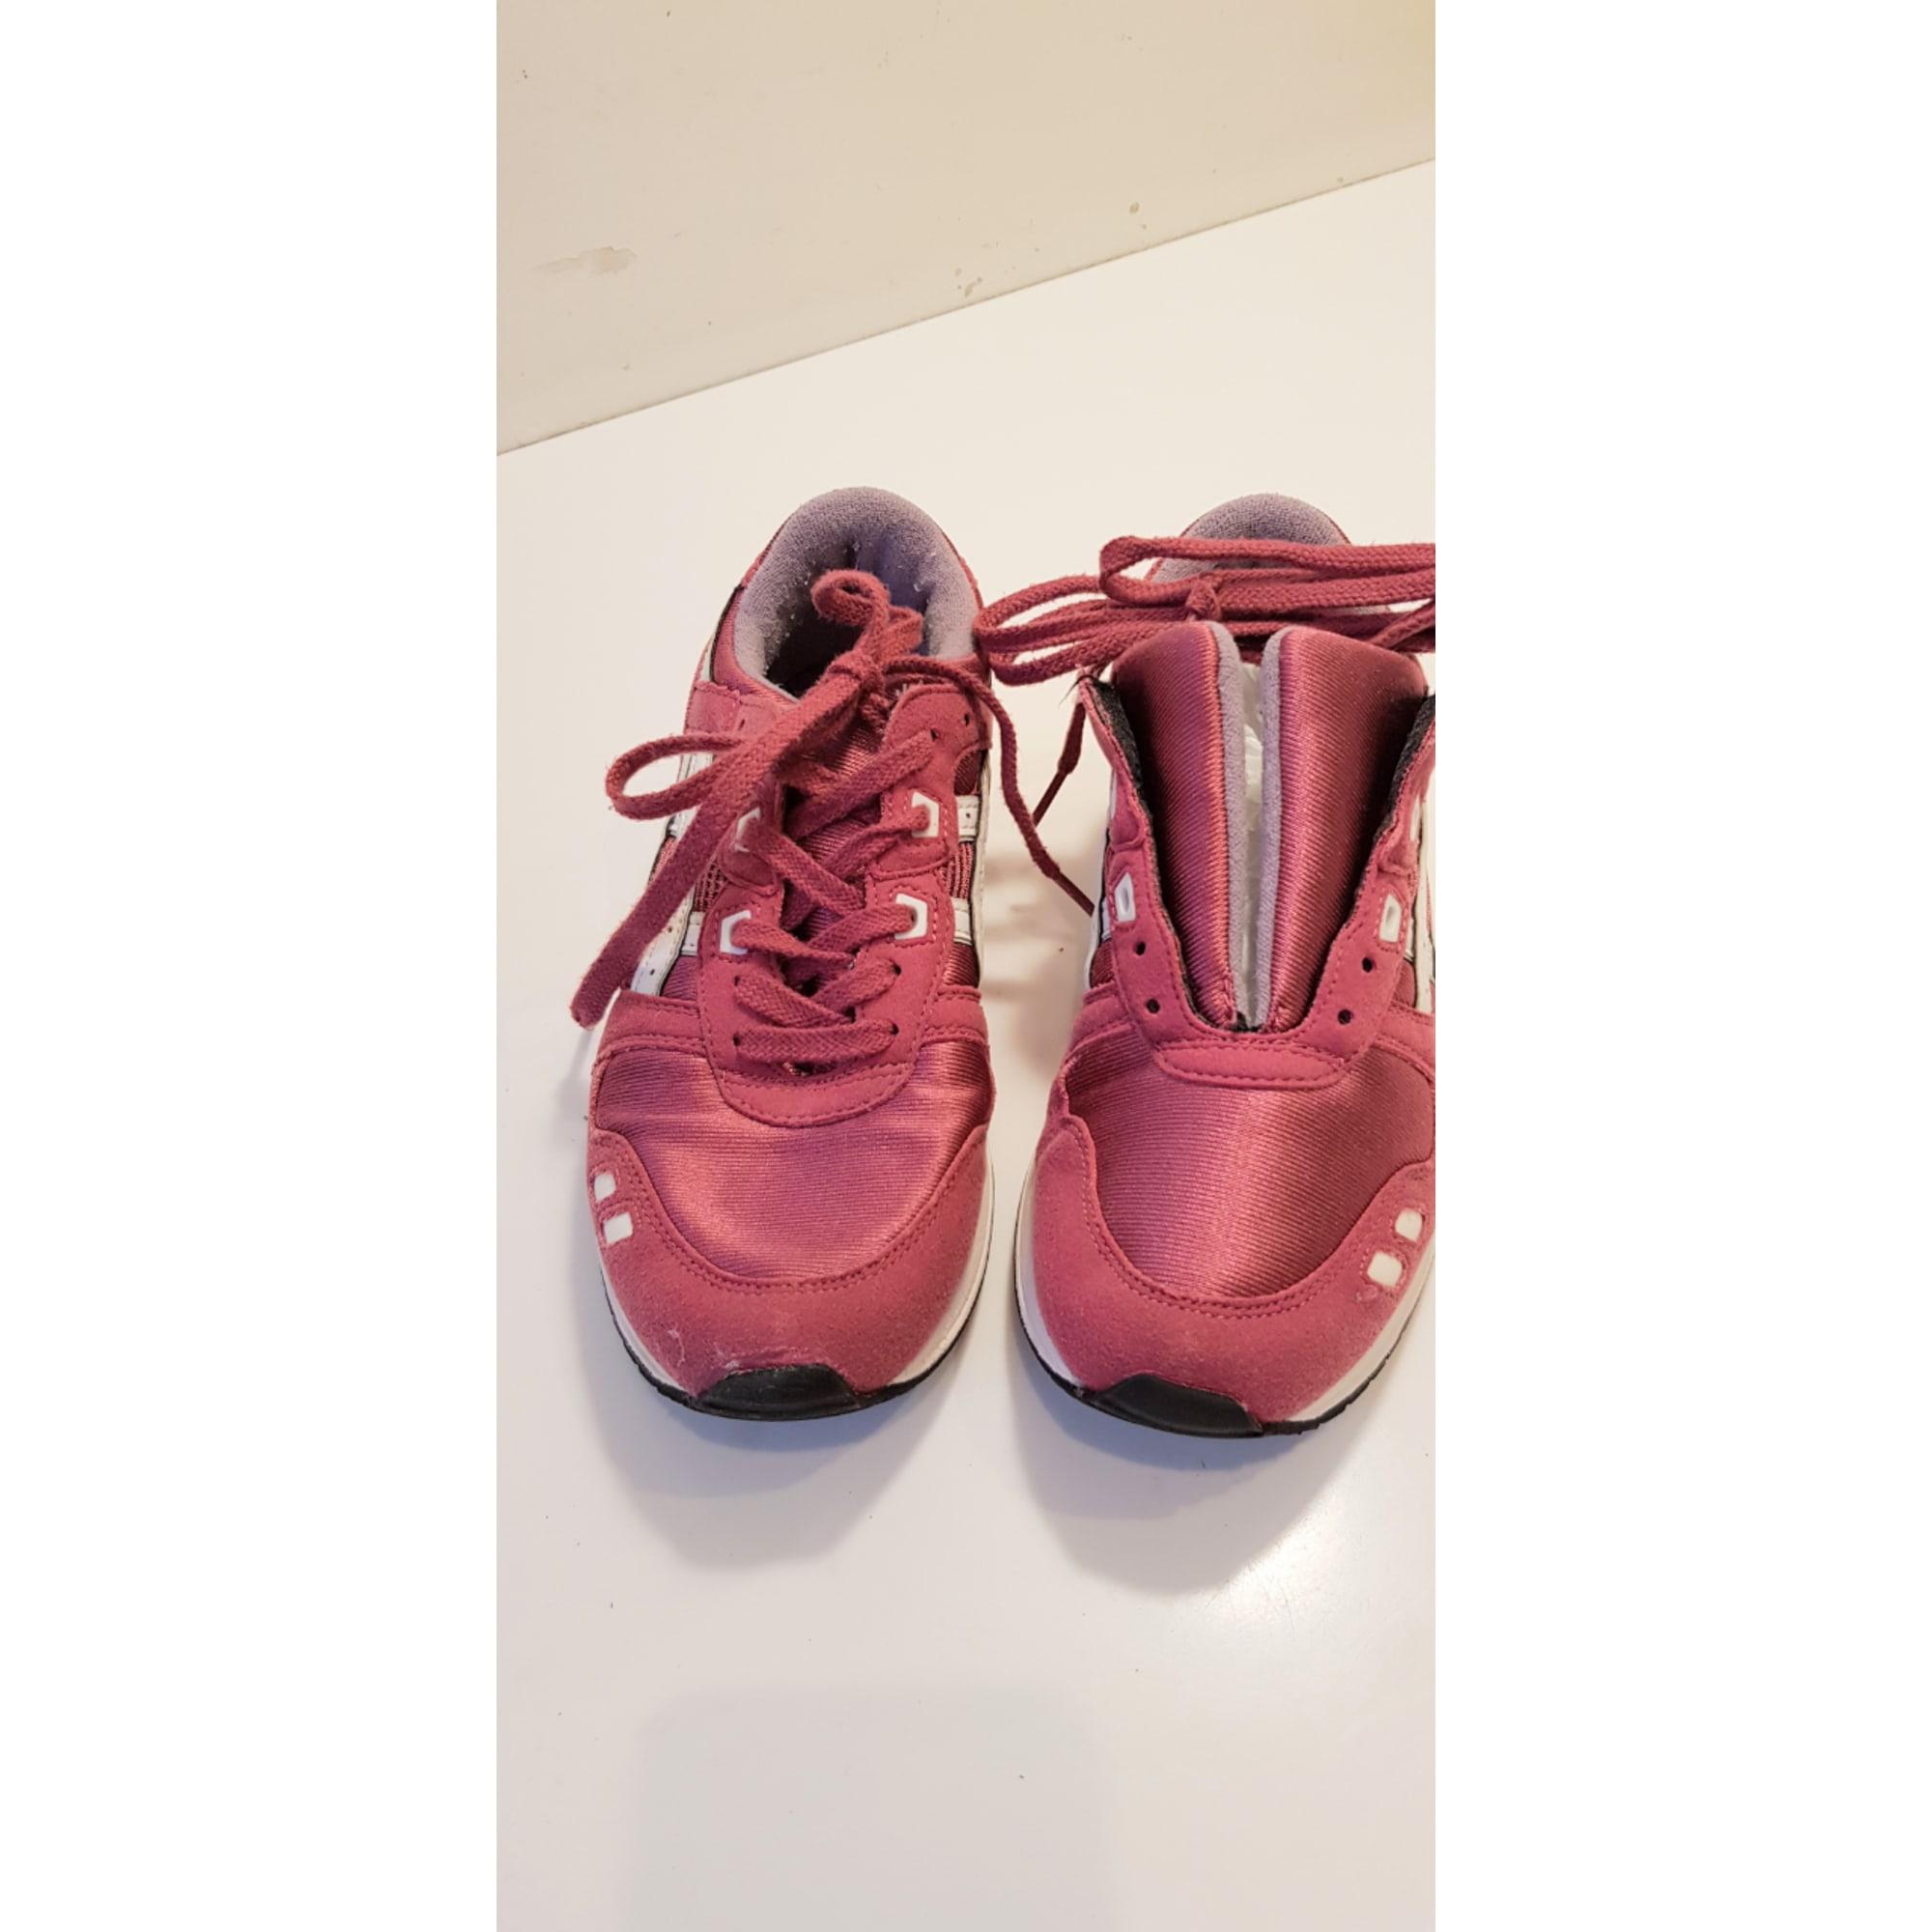 Chaussures de sport ASICS Rose, fuschia, vieux rose